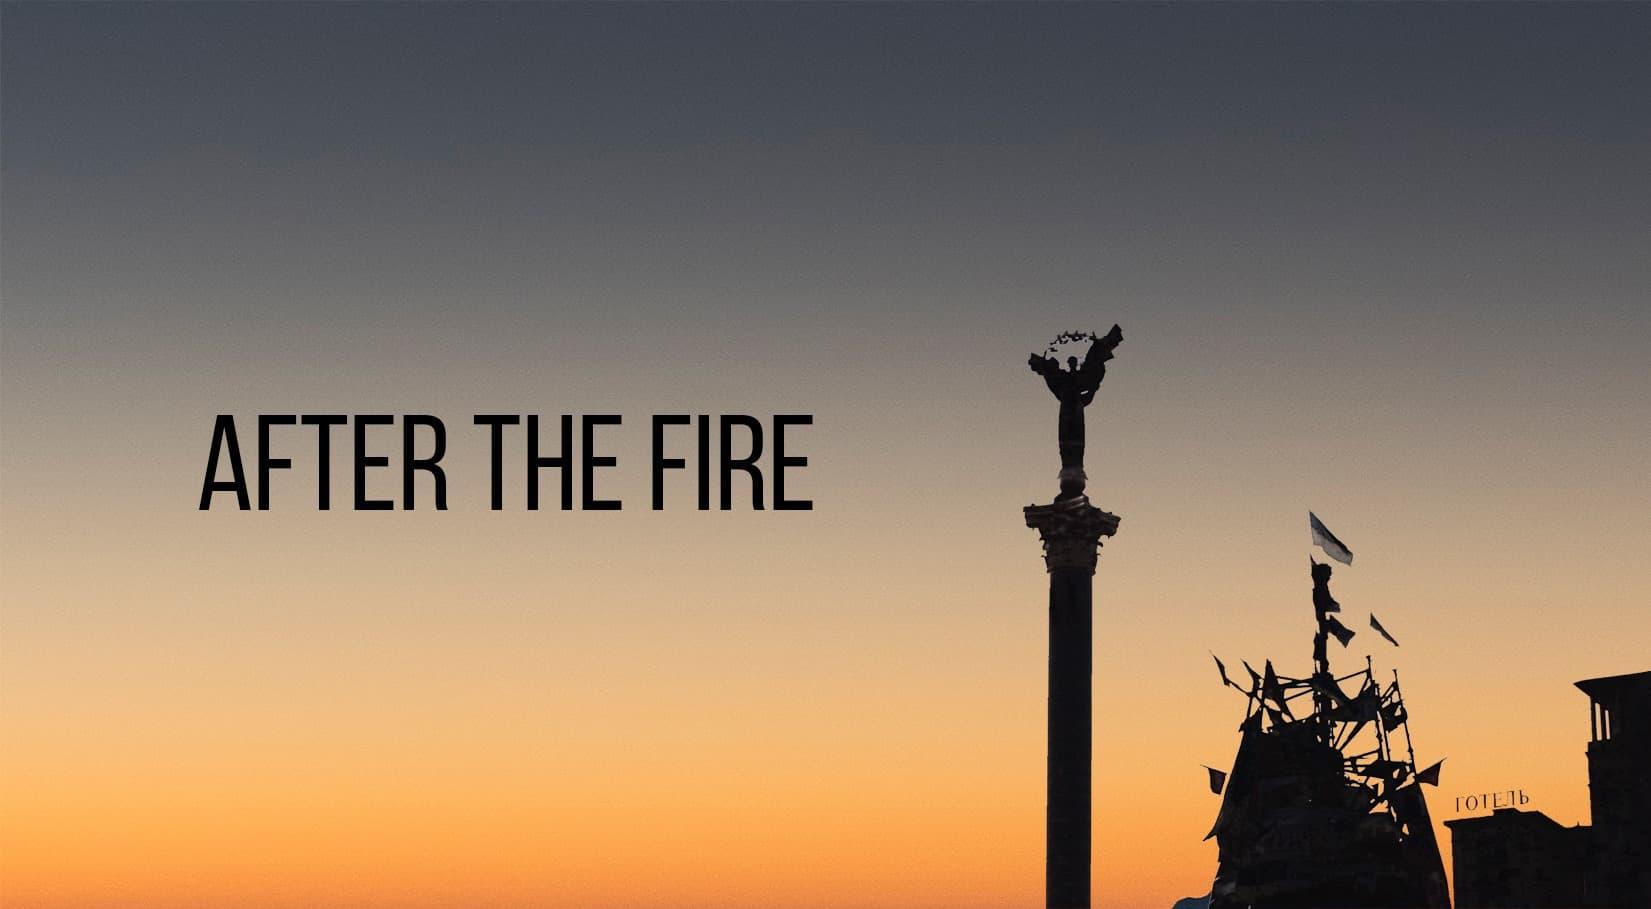 Після вогню